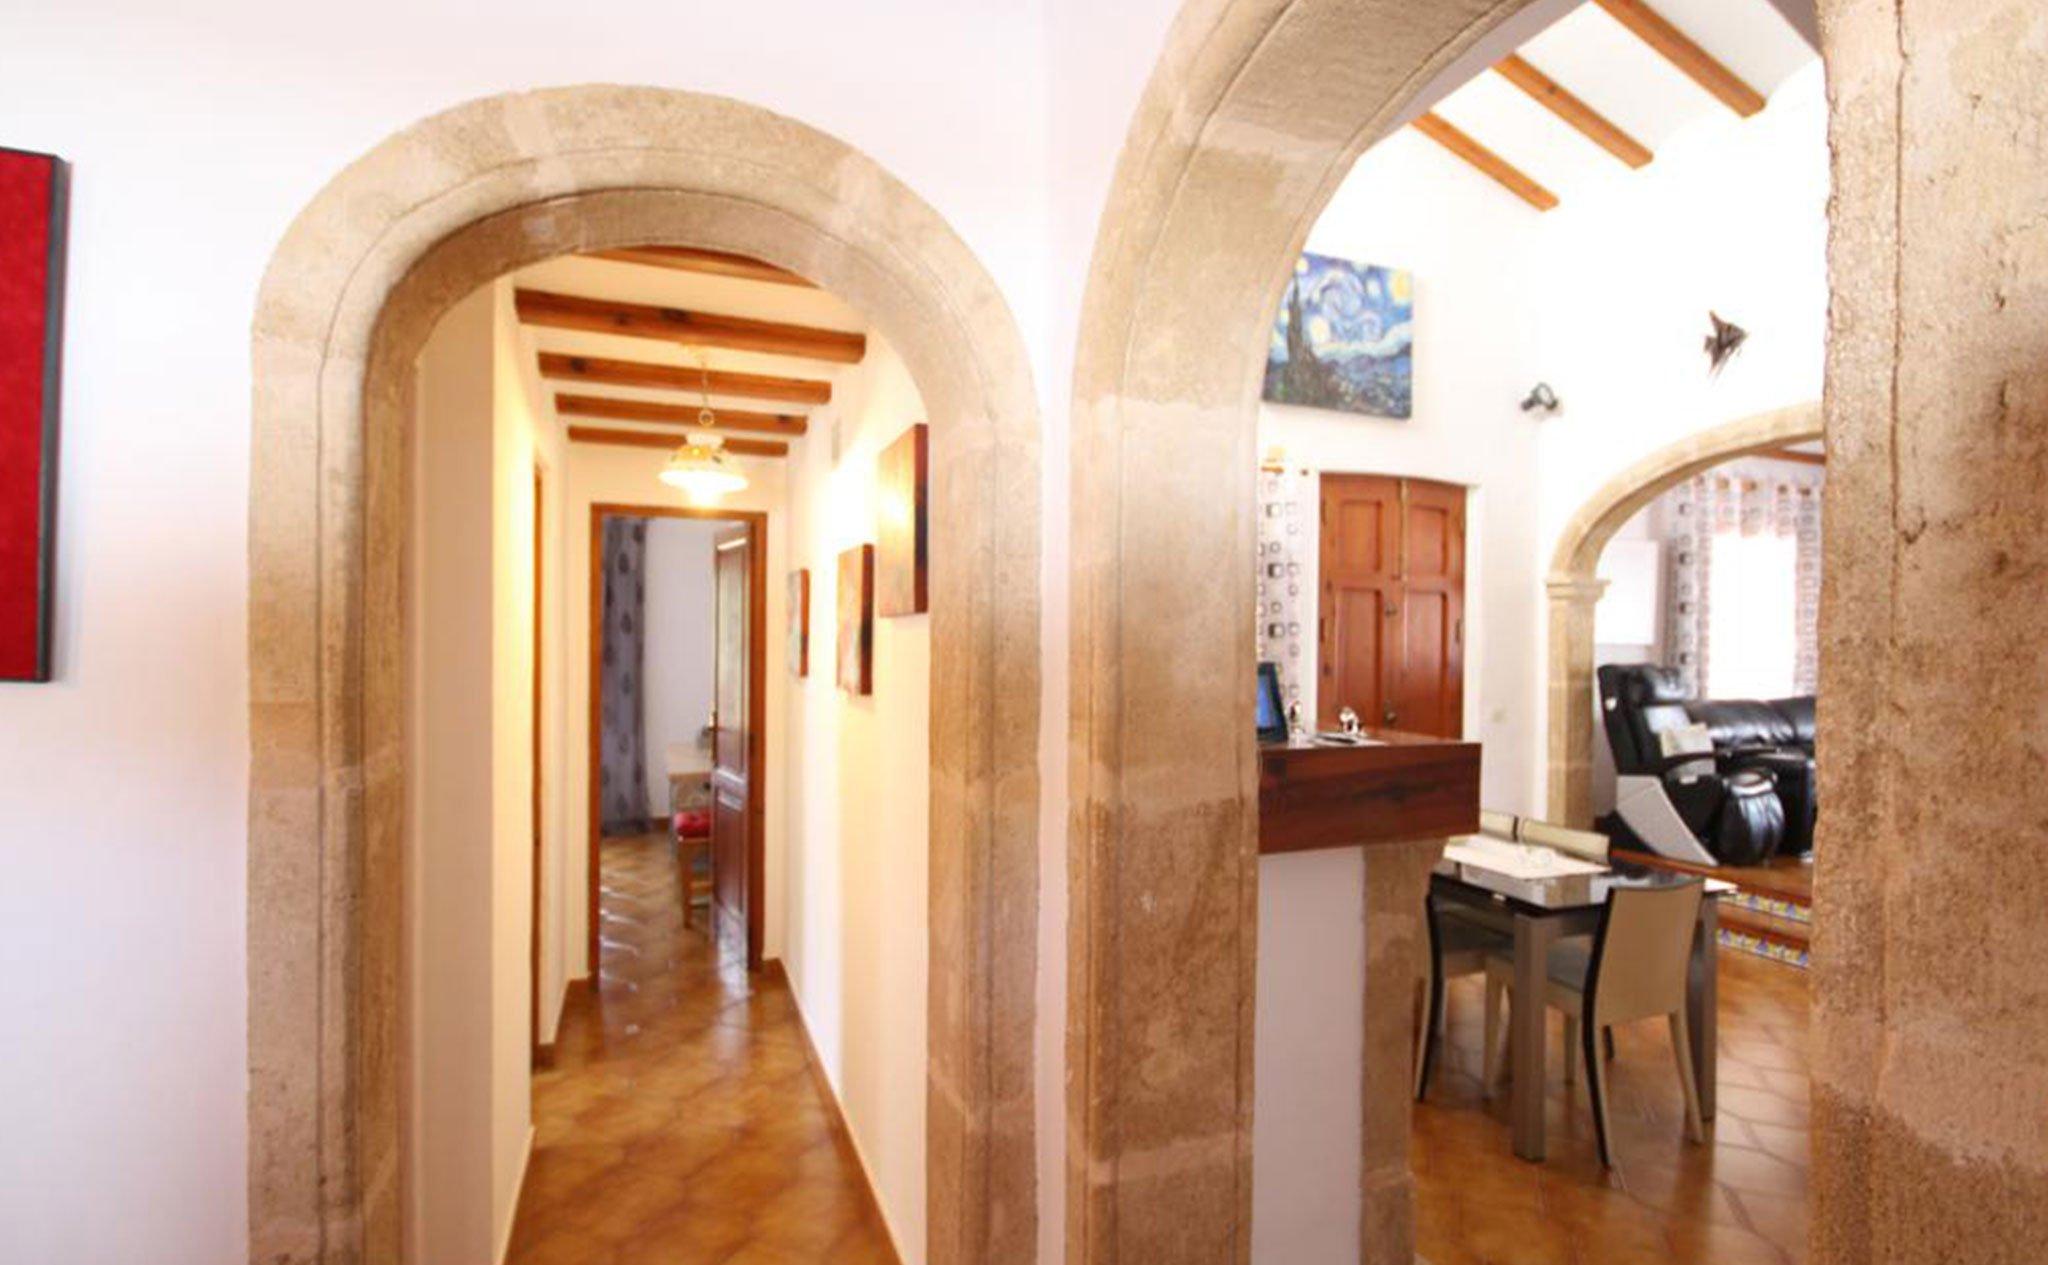 Distribuidor de una casa mediterránea con apartamento de invitados en Jávea – Atina Inmobiliaria